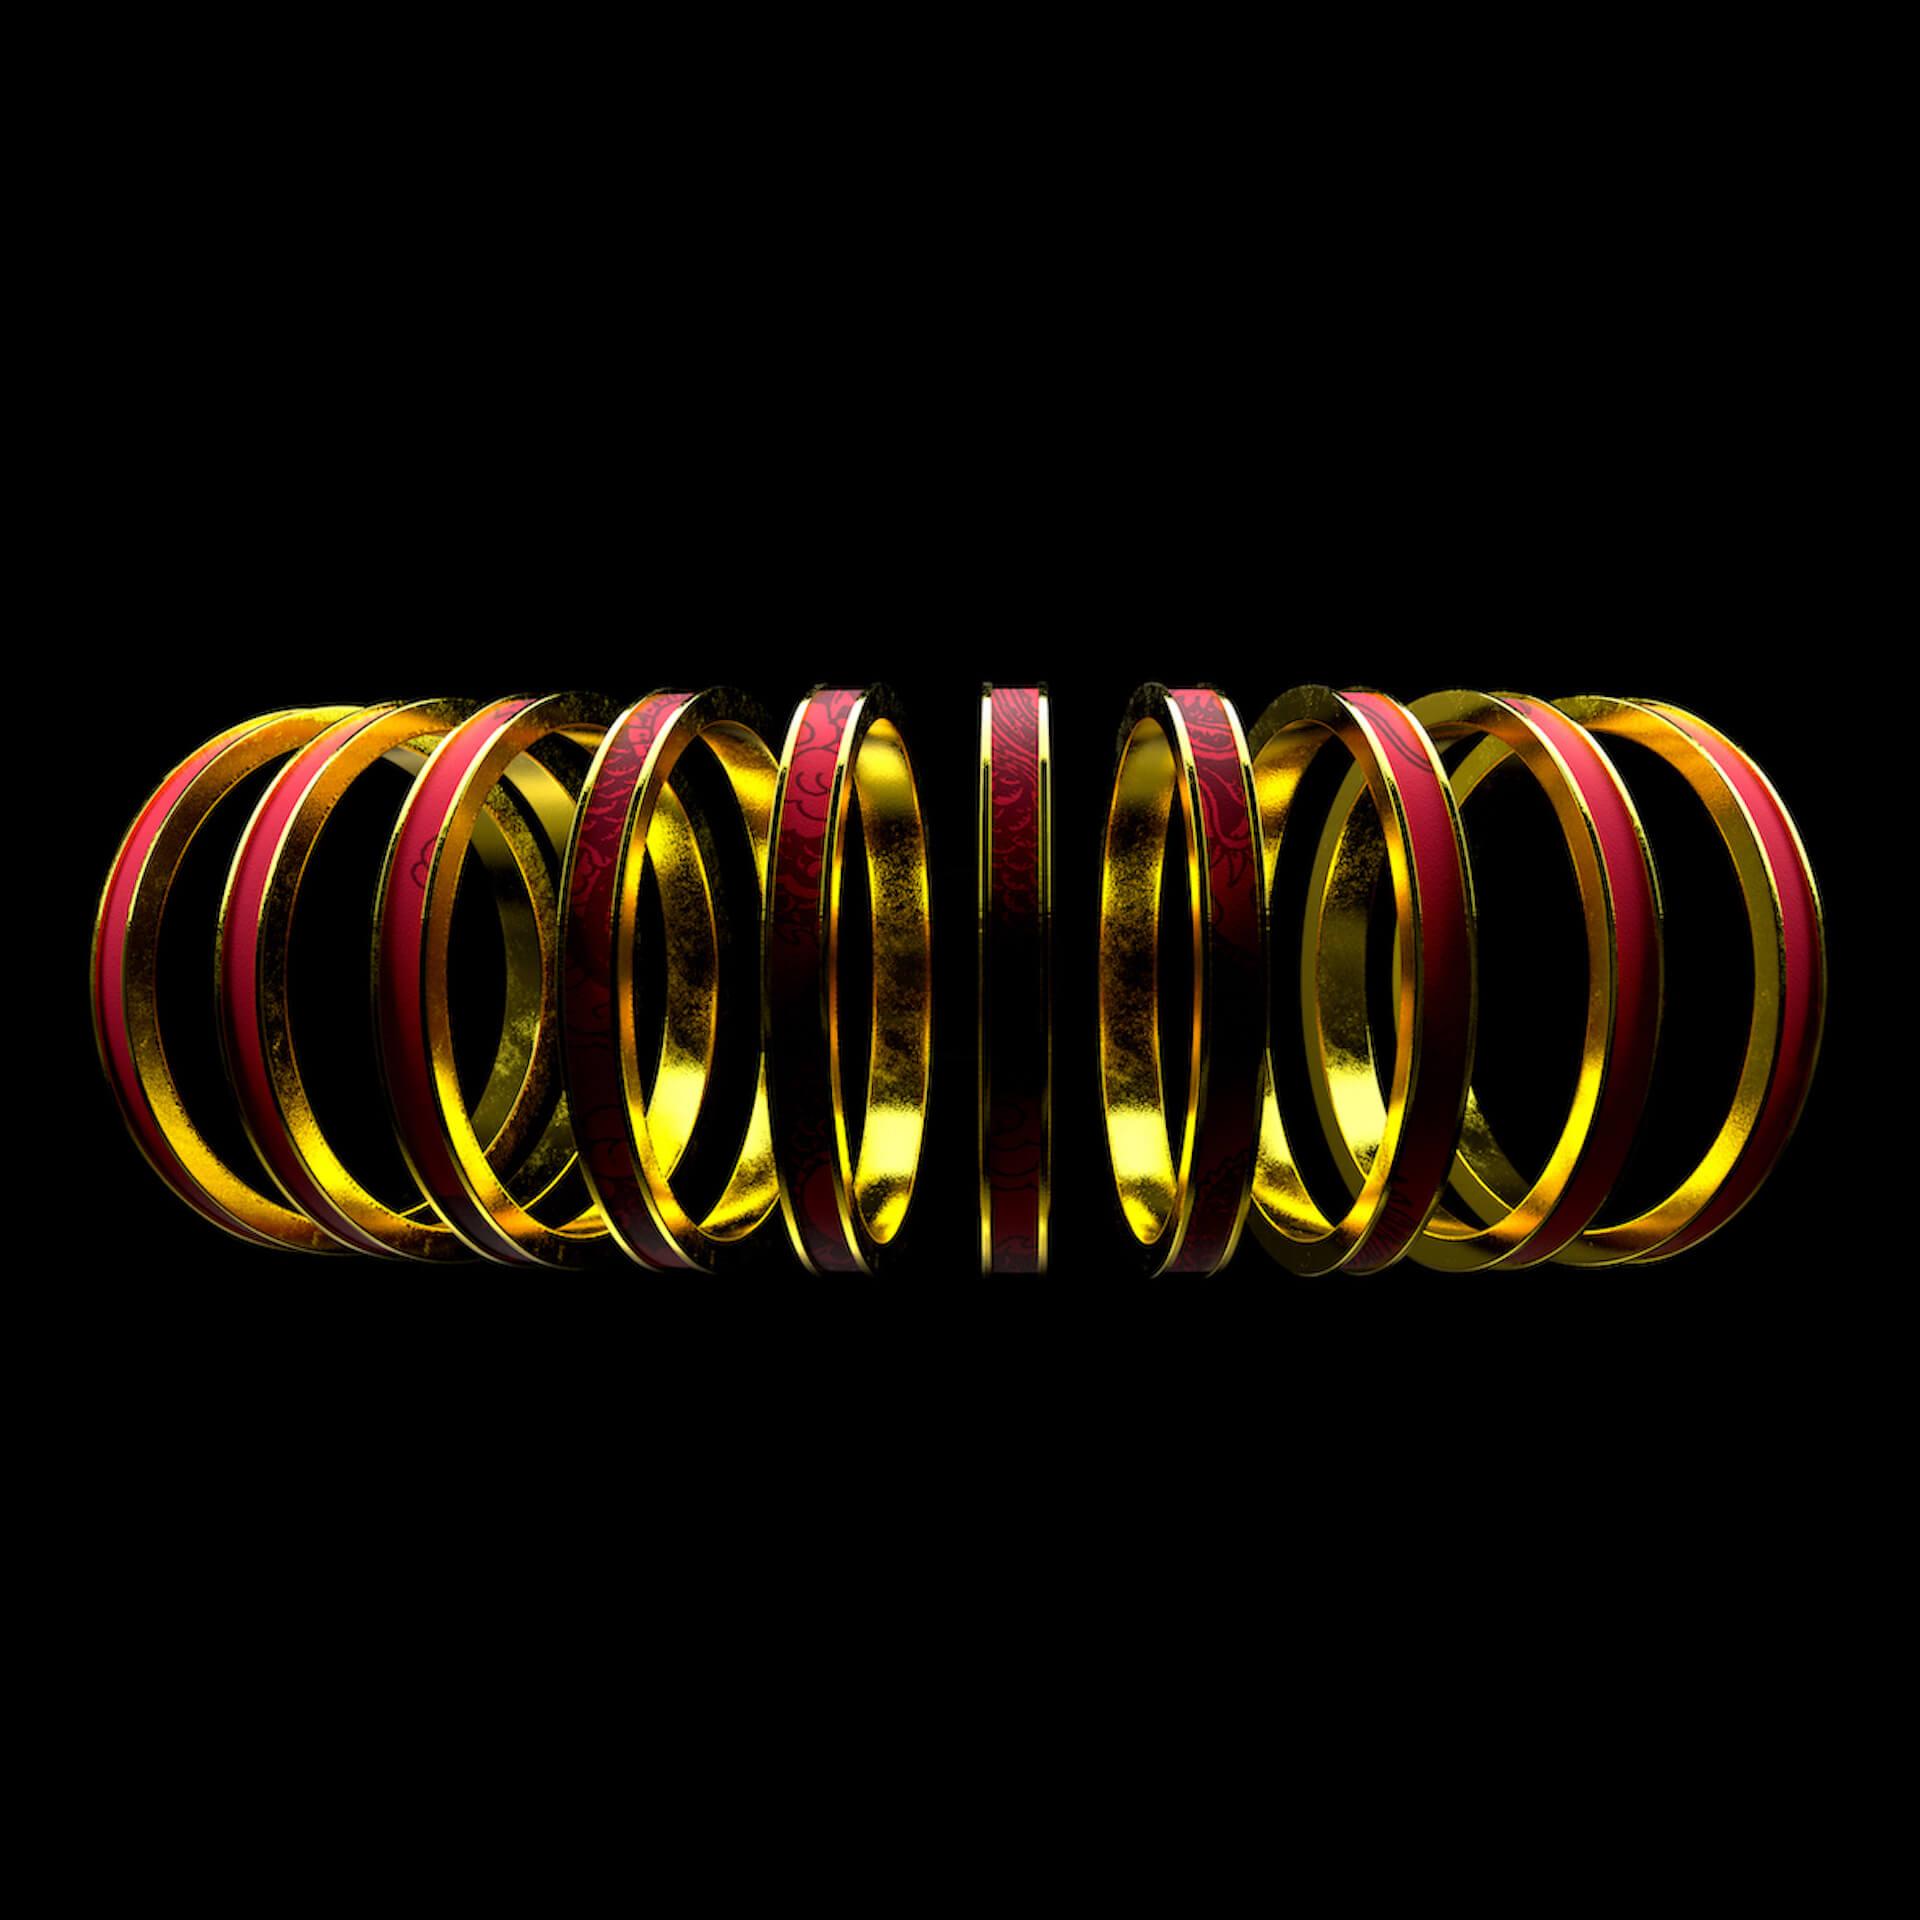 本日公開『シャン・チー/テン・リングスの伝説』のアルバムに星野源、88rising、Anderson .Paakが参加!デジタル配信スタート film210903_shang_chi_hoshinogen_2